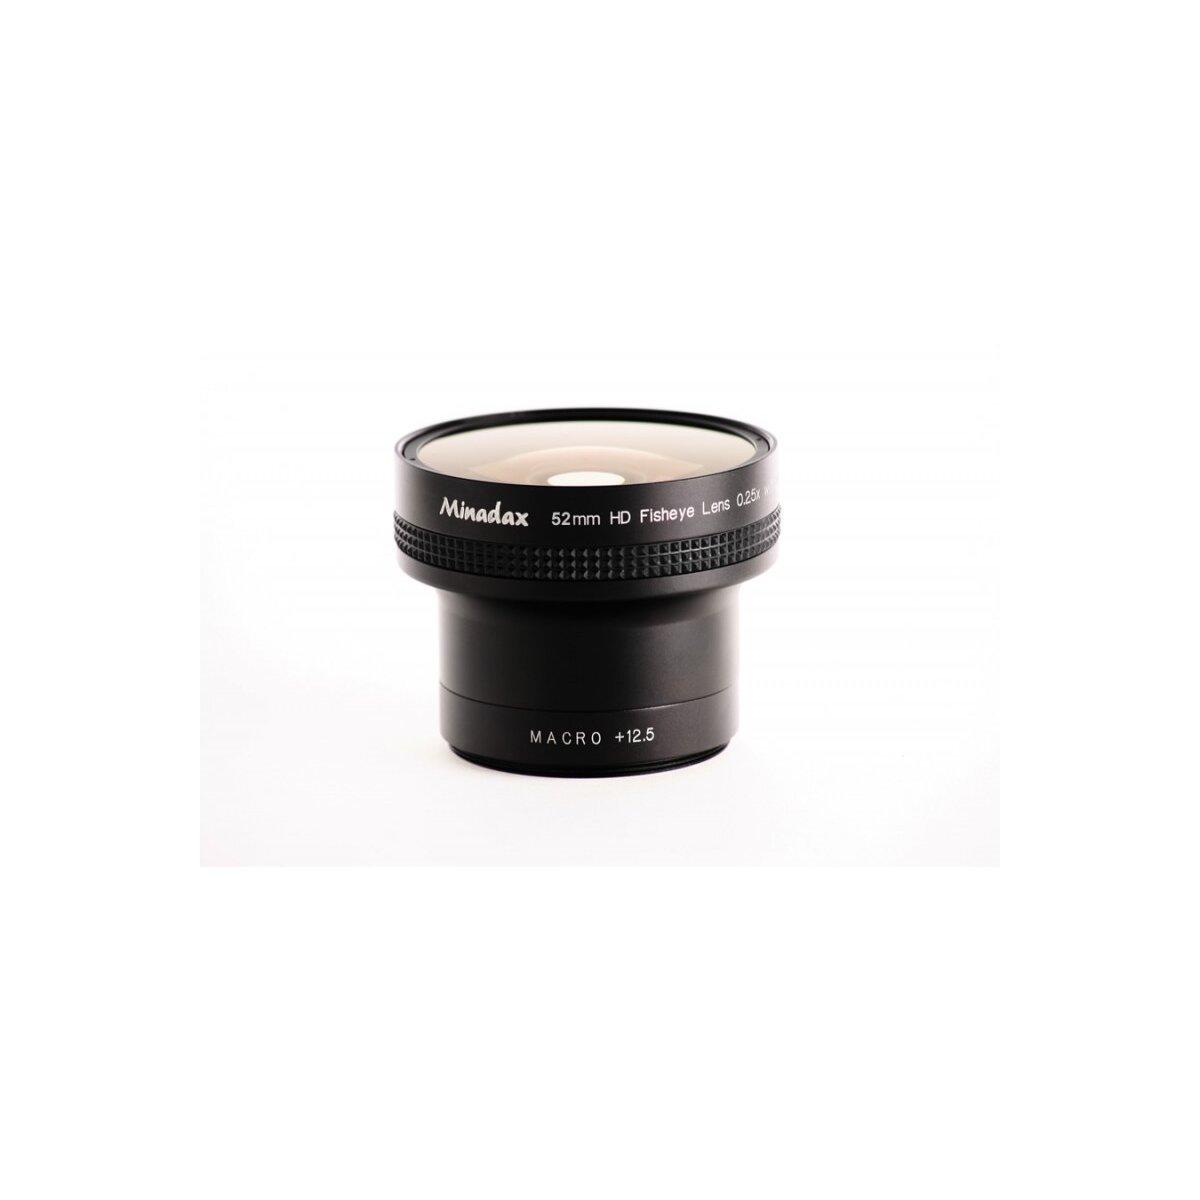 Minadax 0.25x Fisheye Vorsatz kompatibel mit Canon Powershot A700, A710 IS, A720 IS - in schwarz